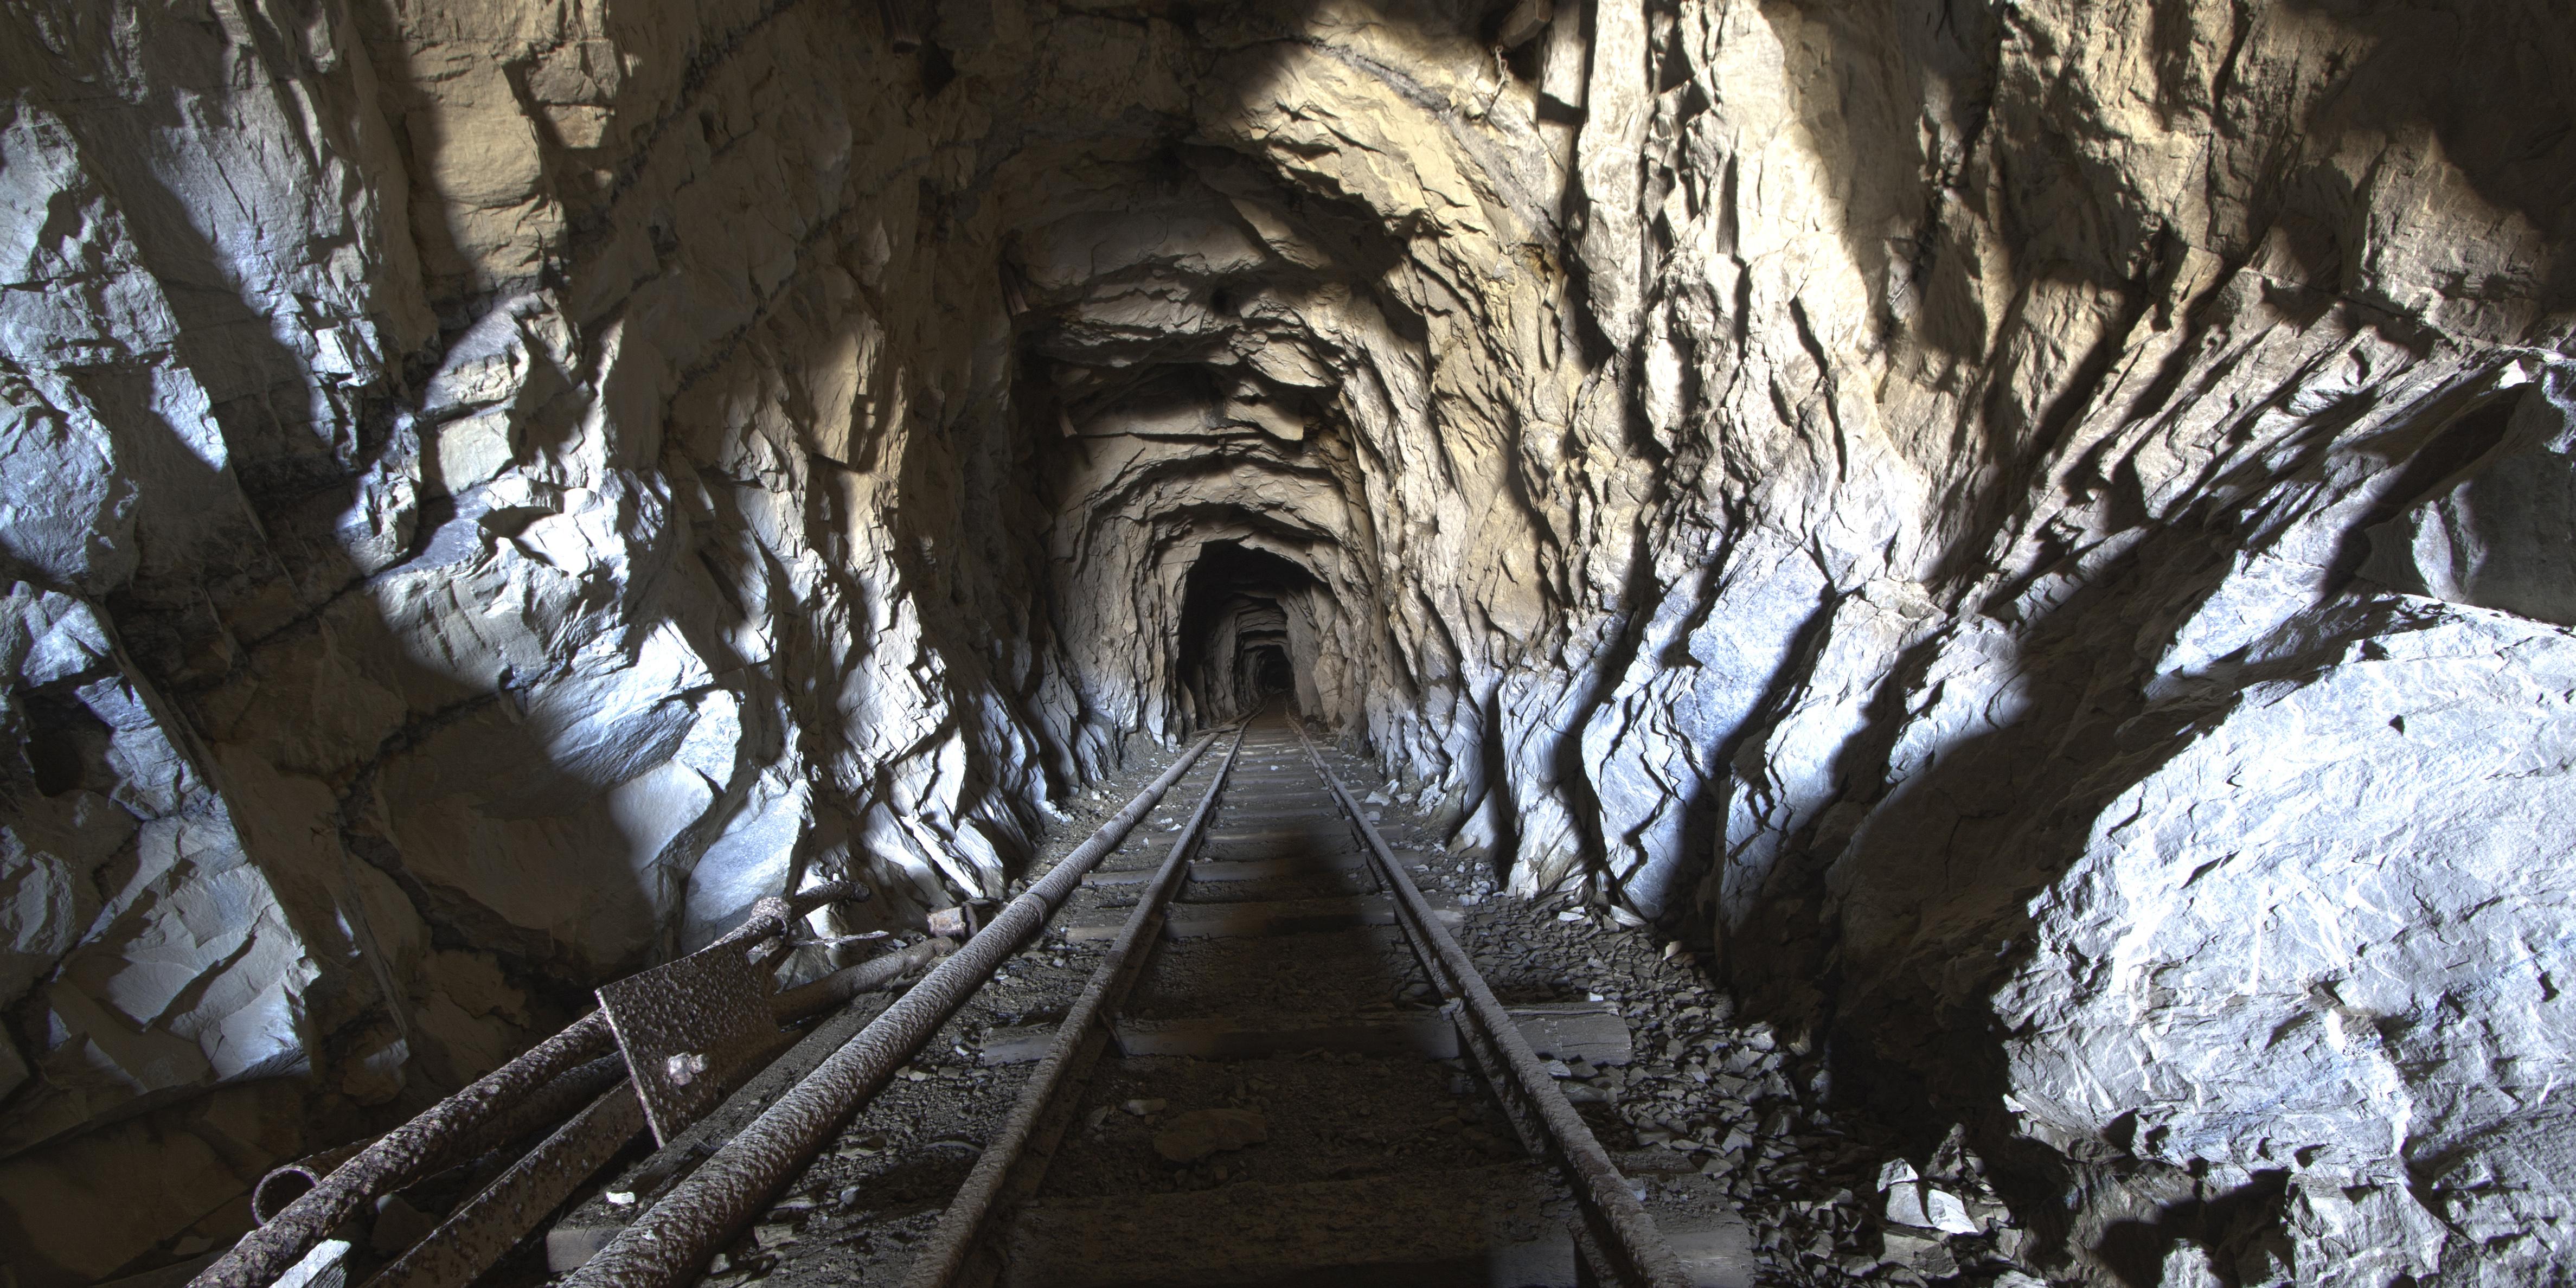 افزایش ۴ برابری حفاری شرکت تهیه و تولید مواد معدنی ایران